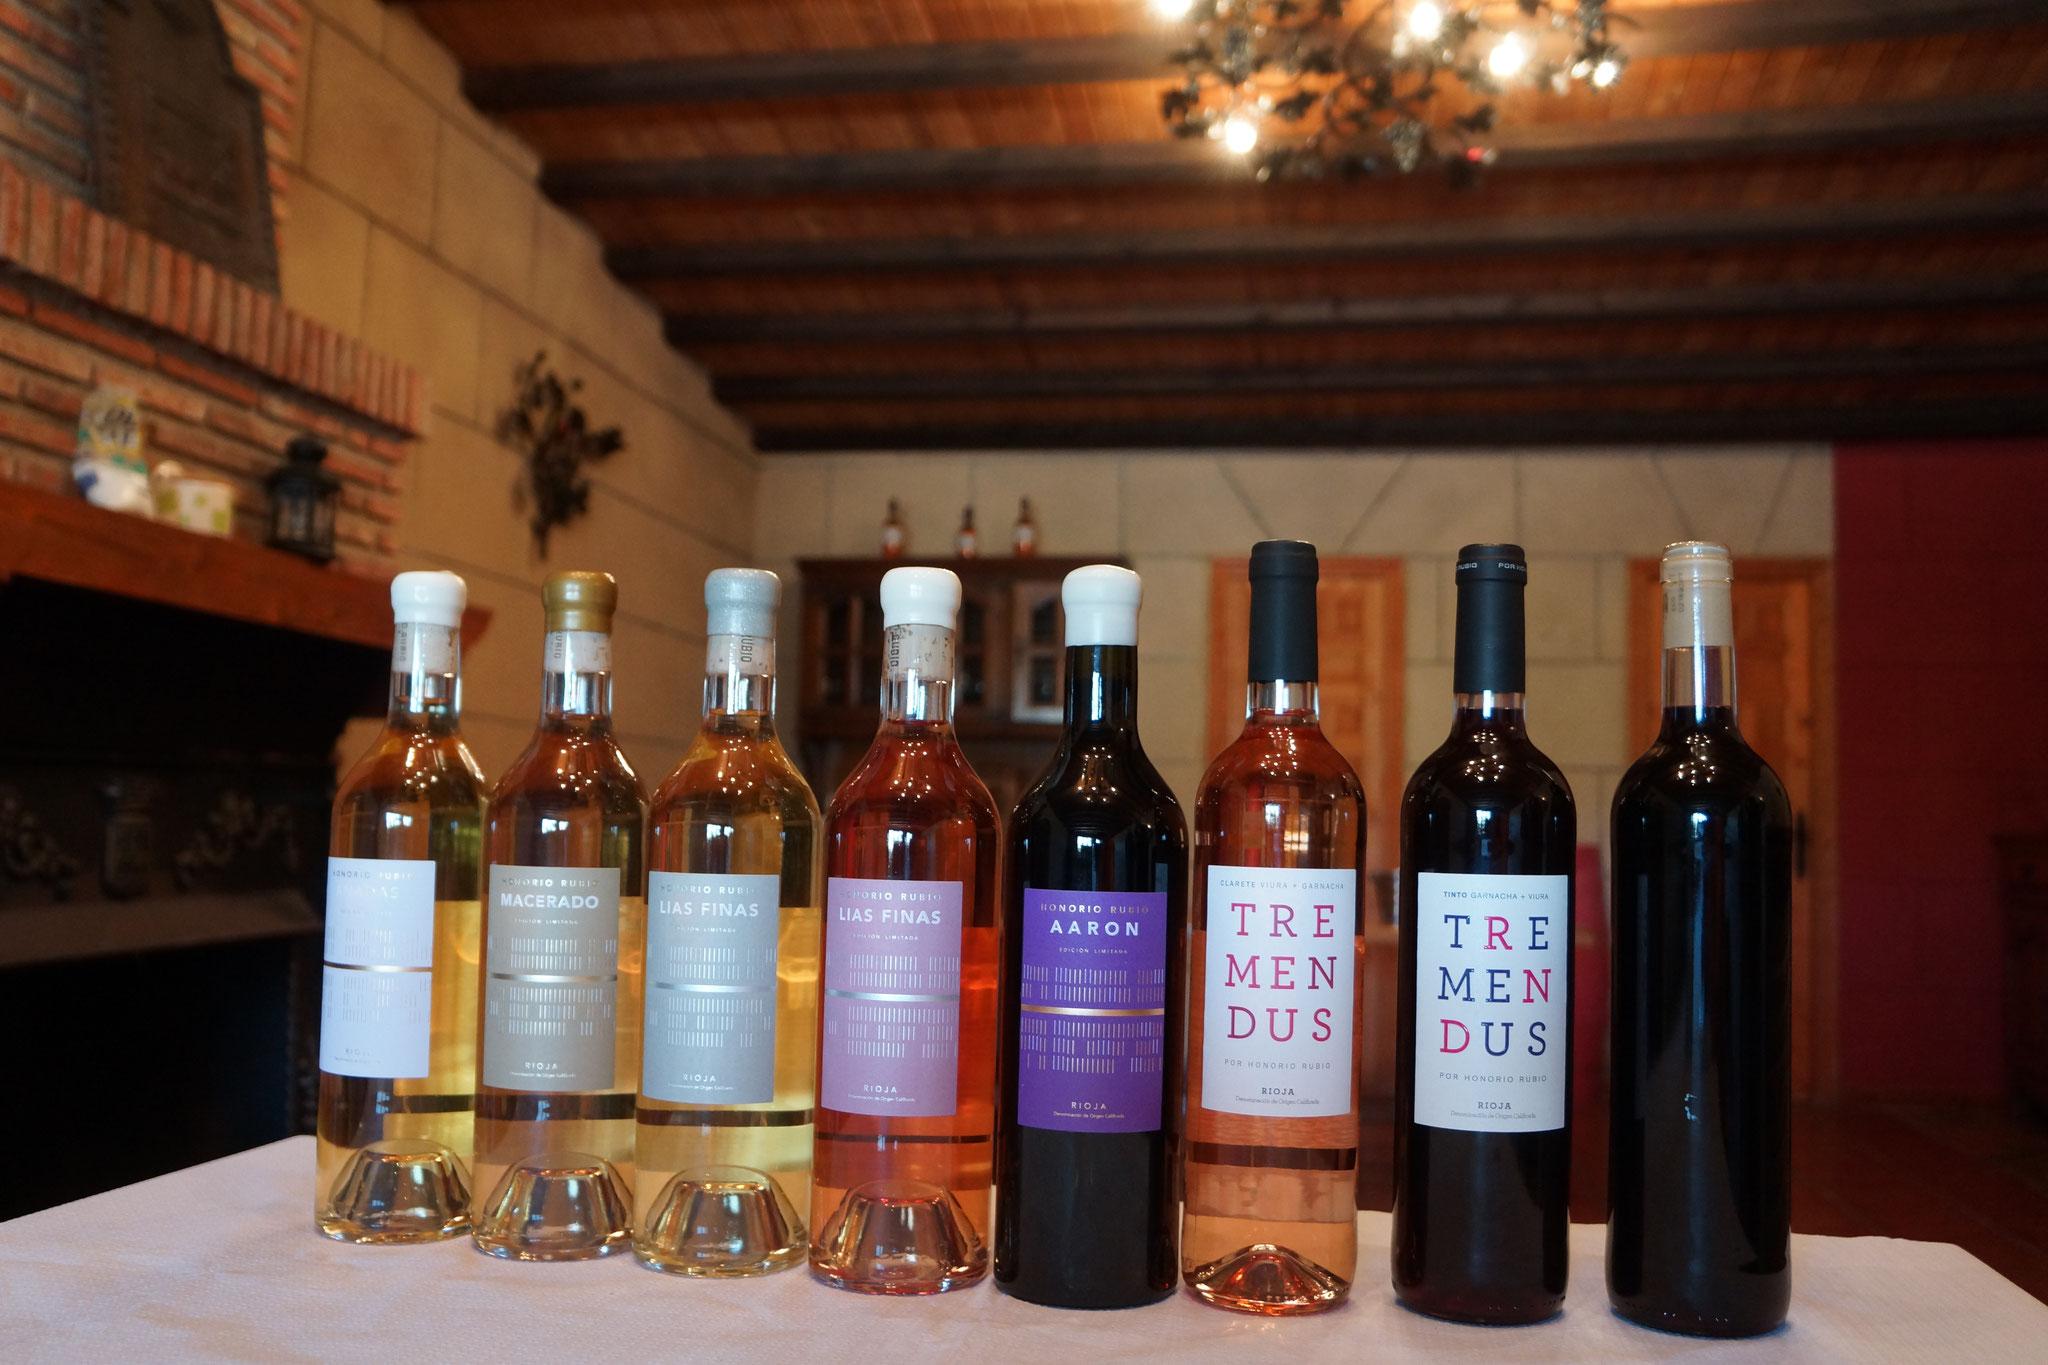 オノリオのワイン全種